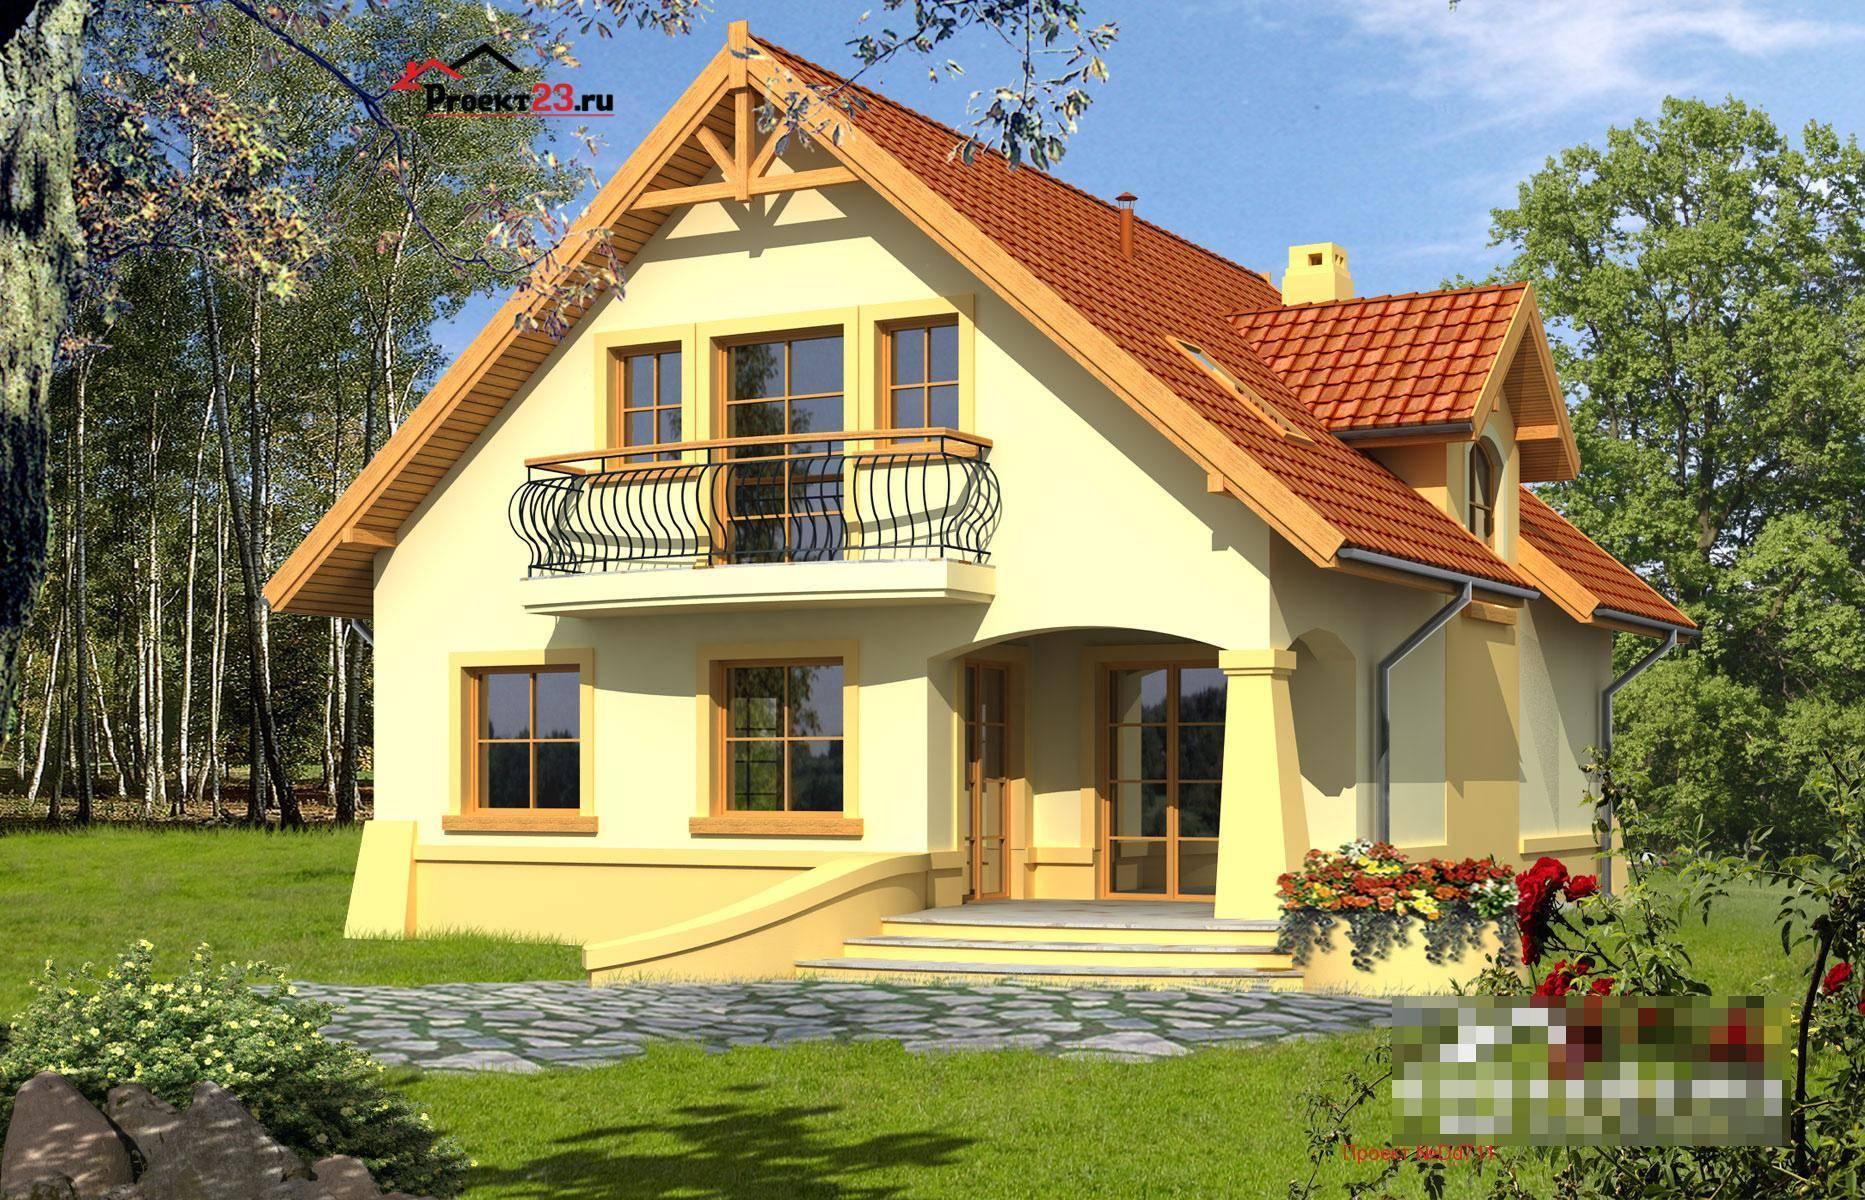 Проект дешевого дома - планировка, фасады, способы трансформации